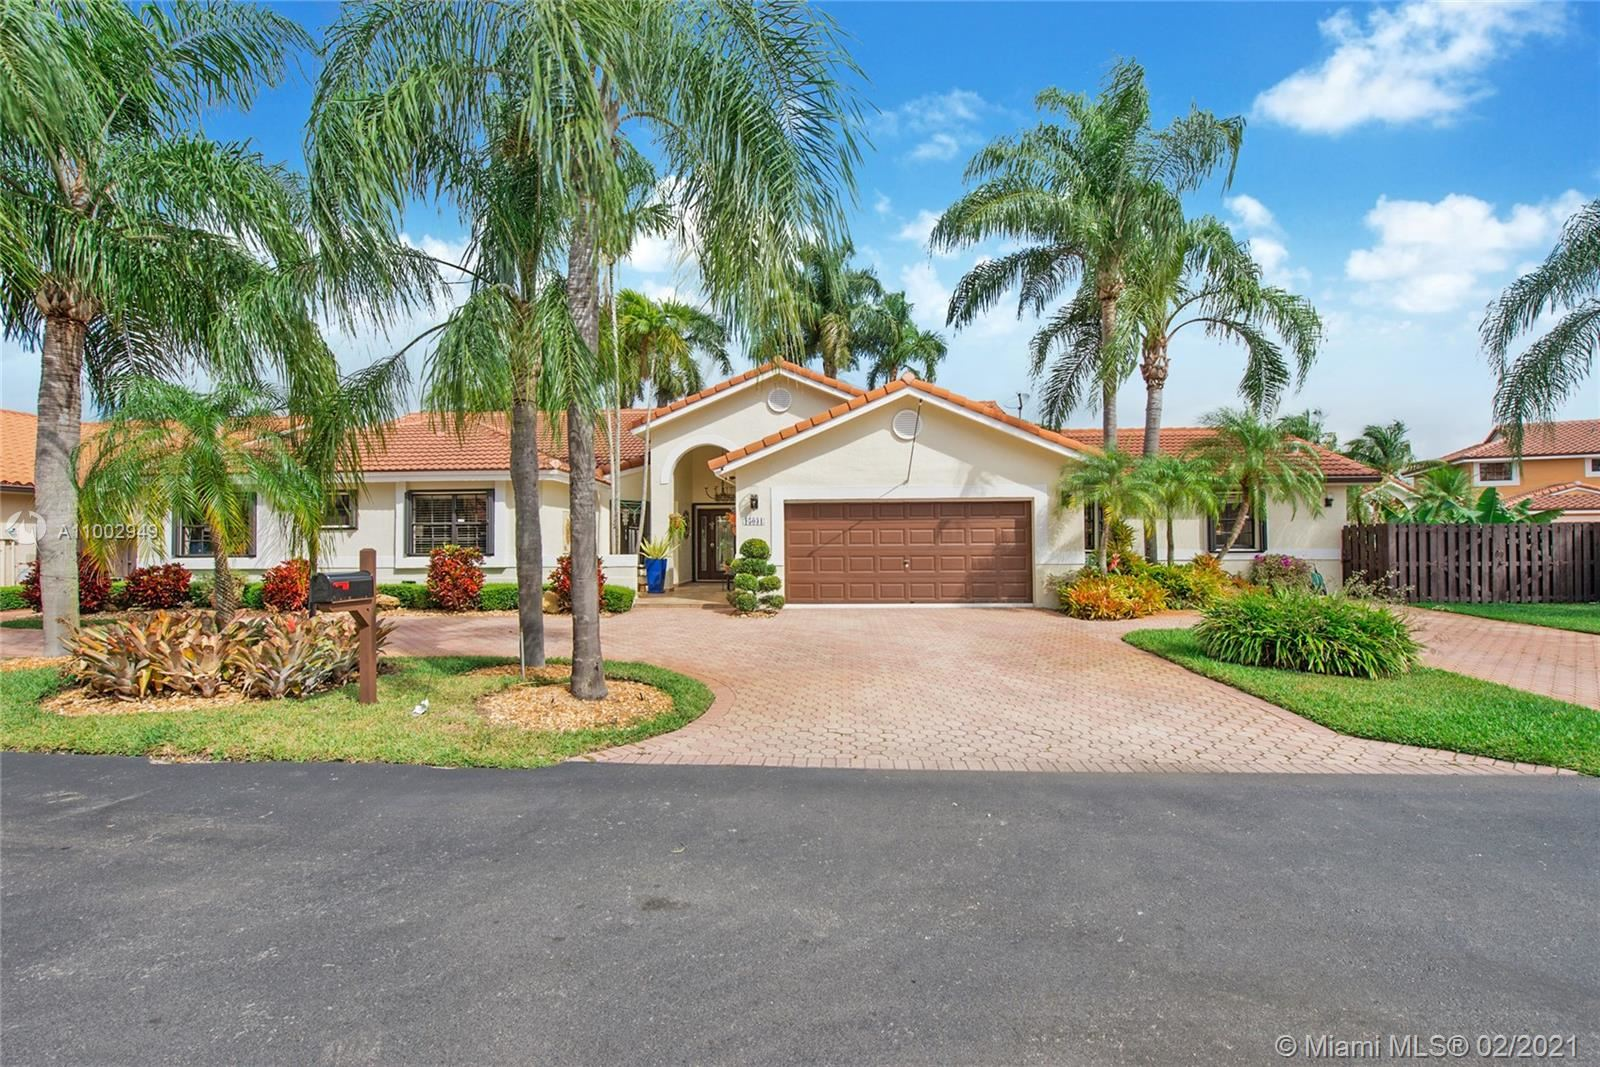 15031 SW 45th Ln, Miami, FL 33185 - #: A11002949